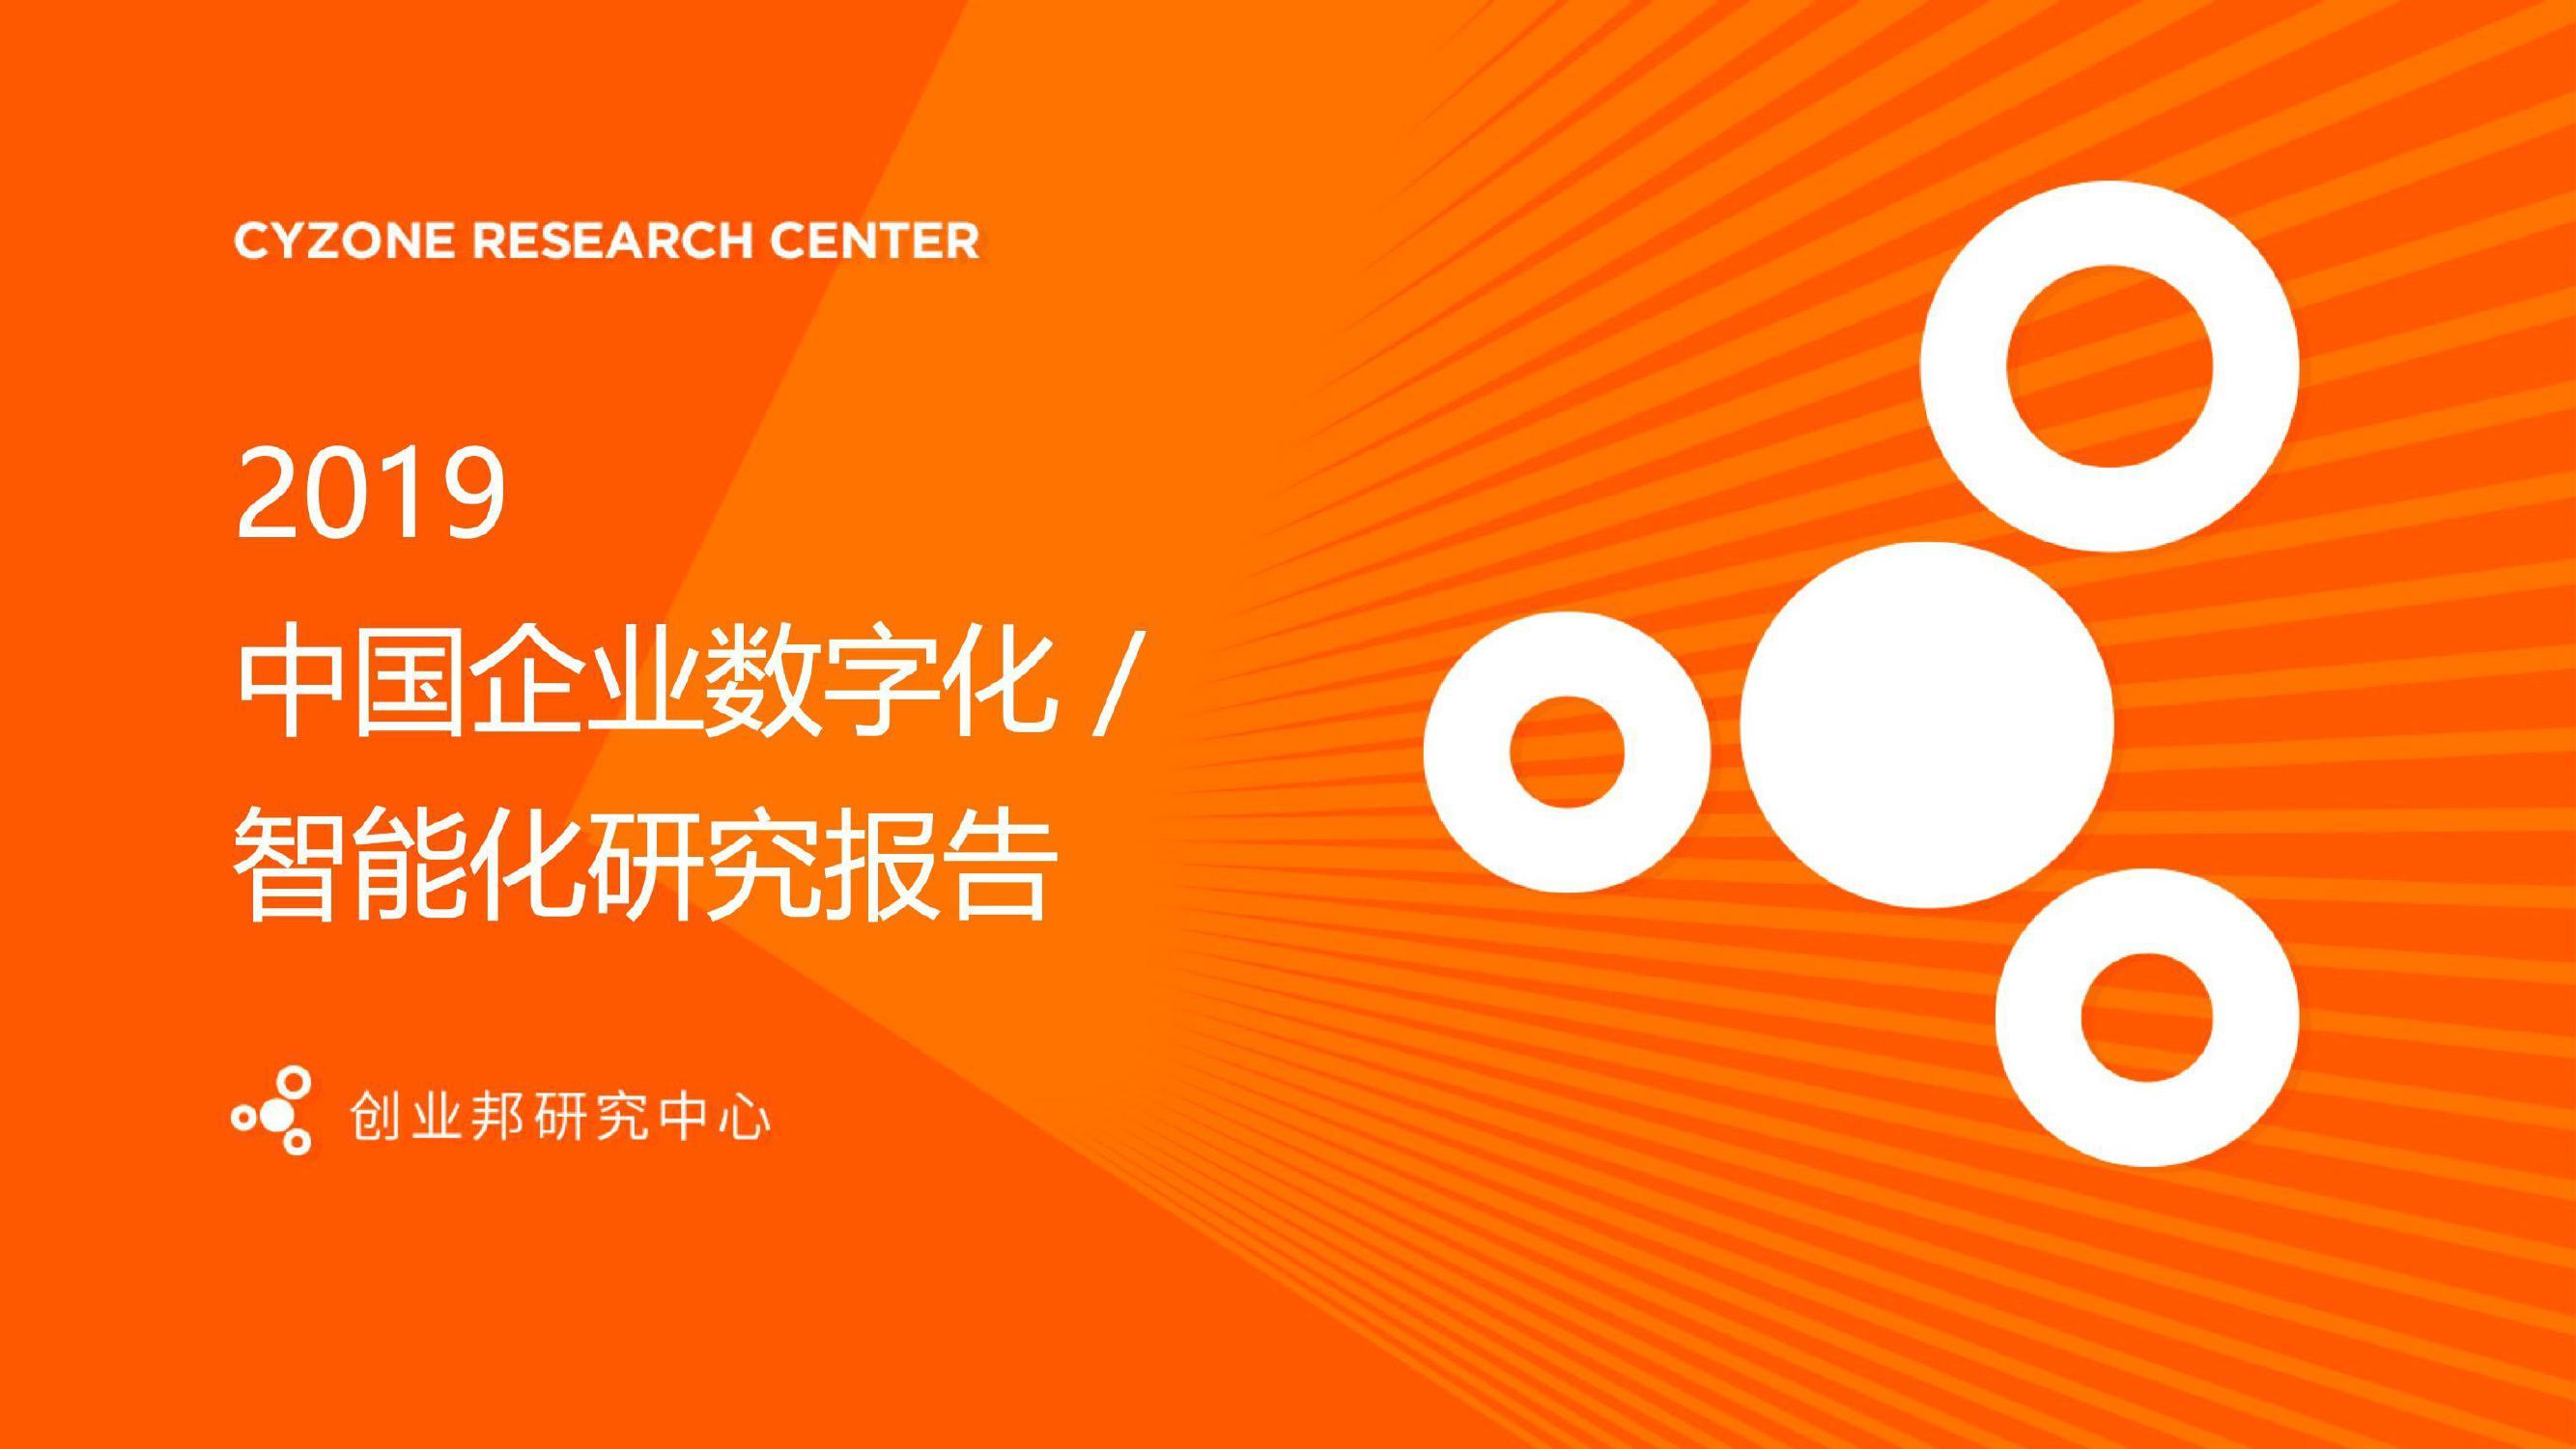 创业邦:2019中国企业数字化/智能化研究报告(附下载)